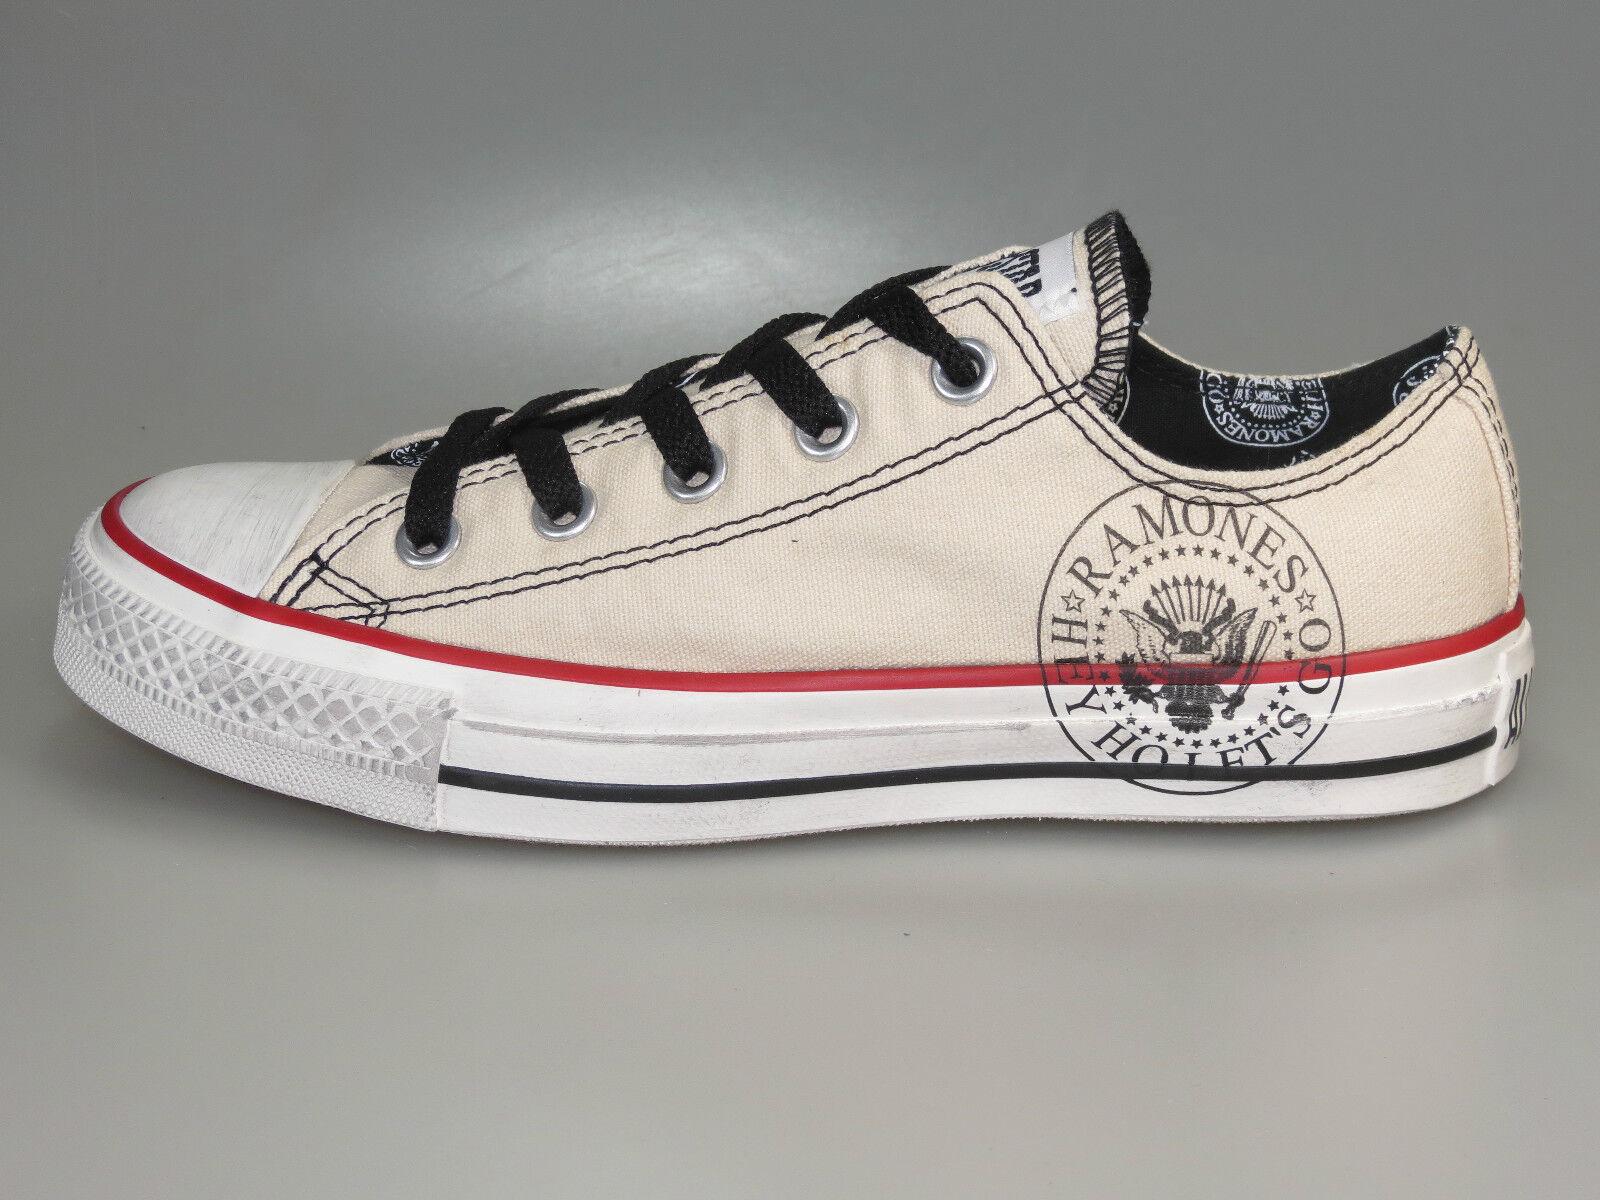 Venta de liquidación de temporada Converse Ramones banda Chuck 113973 Parchment Ox Limited + nuevo + dif. tamaños